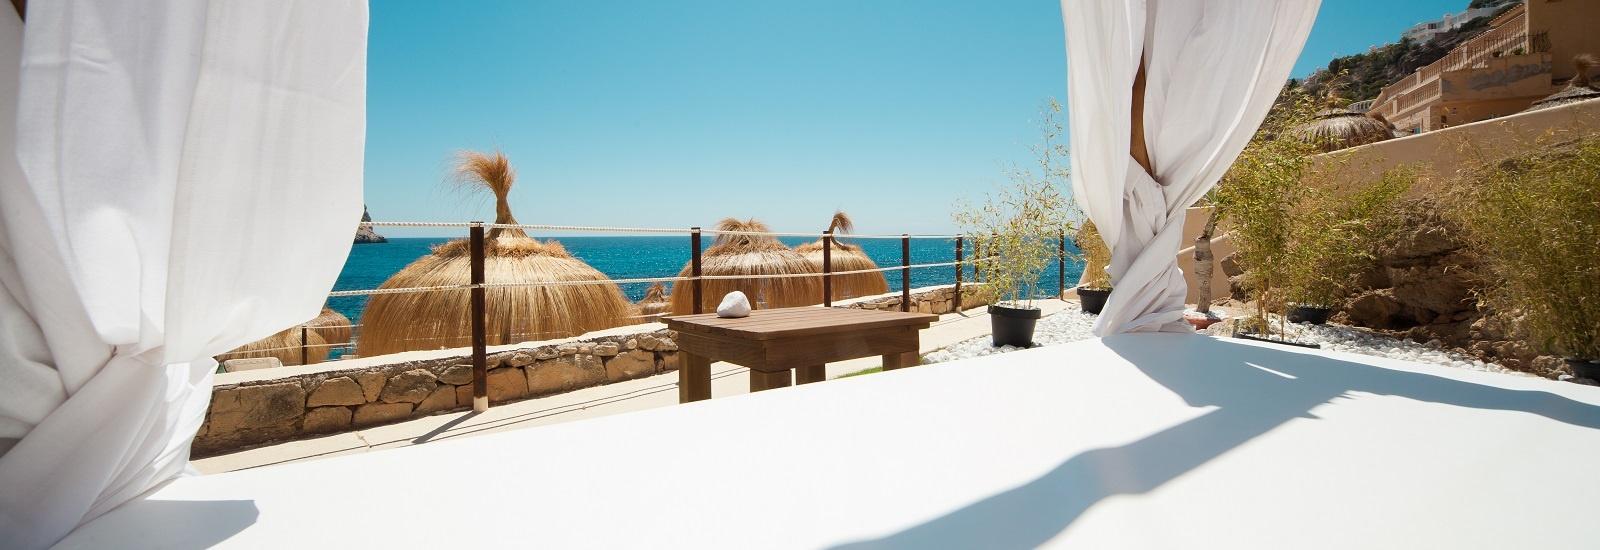 Beach Club Gran Folies, relax y diversión en un ambiente de lujo